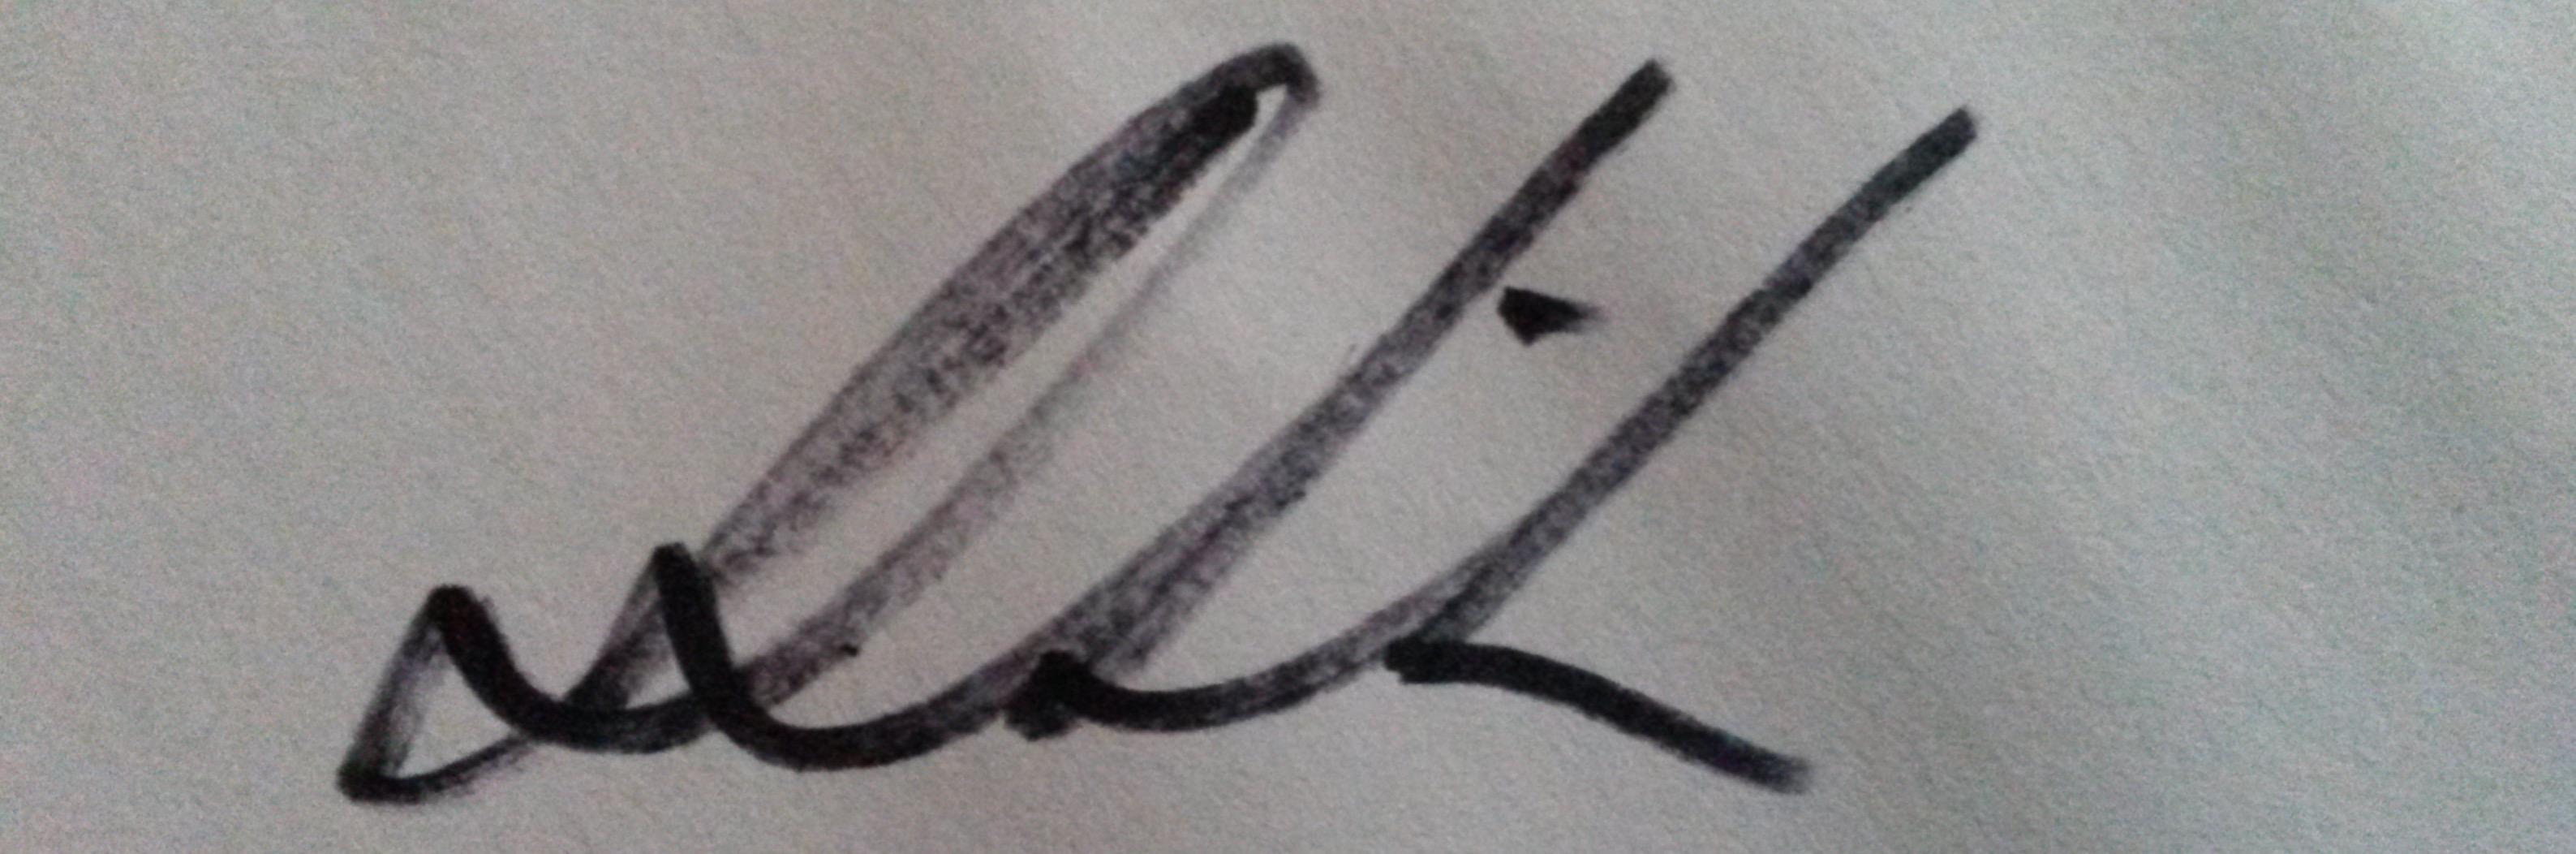 Dawn Grider's Signature